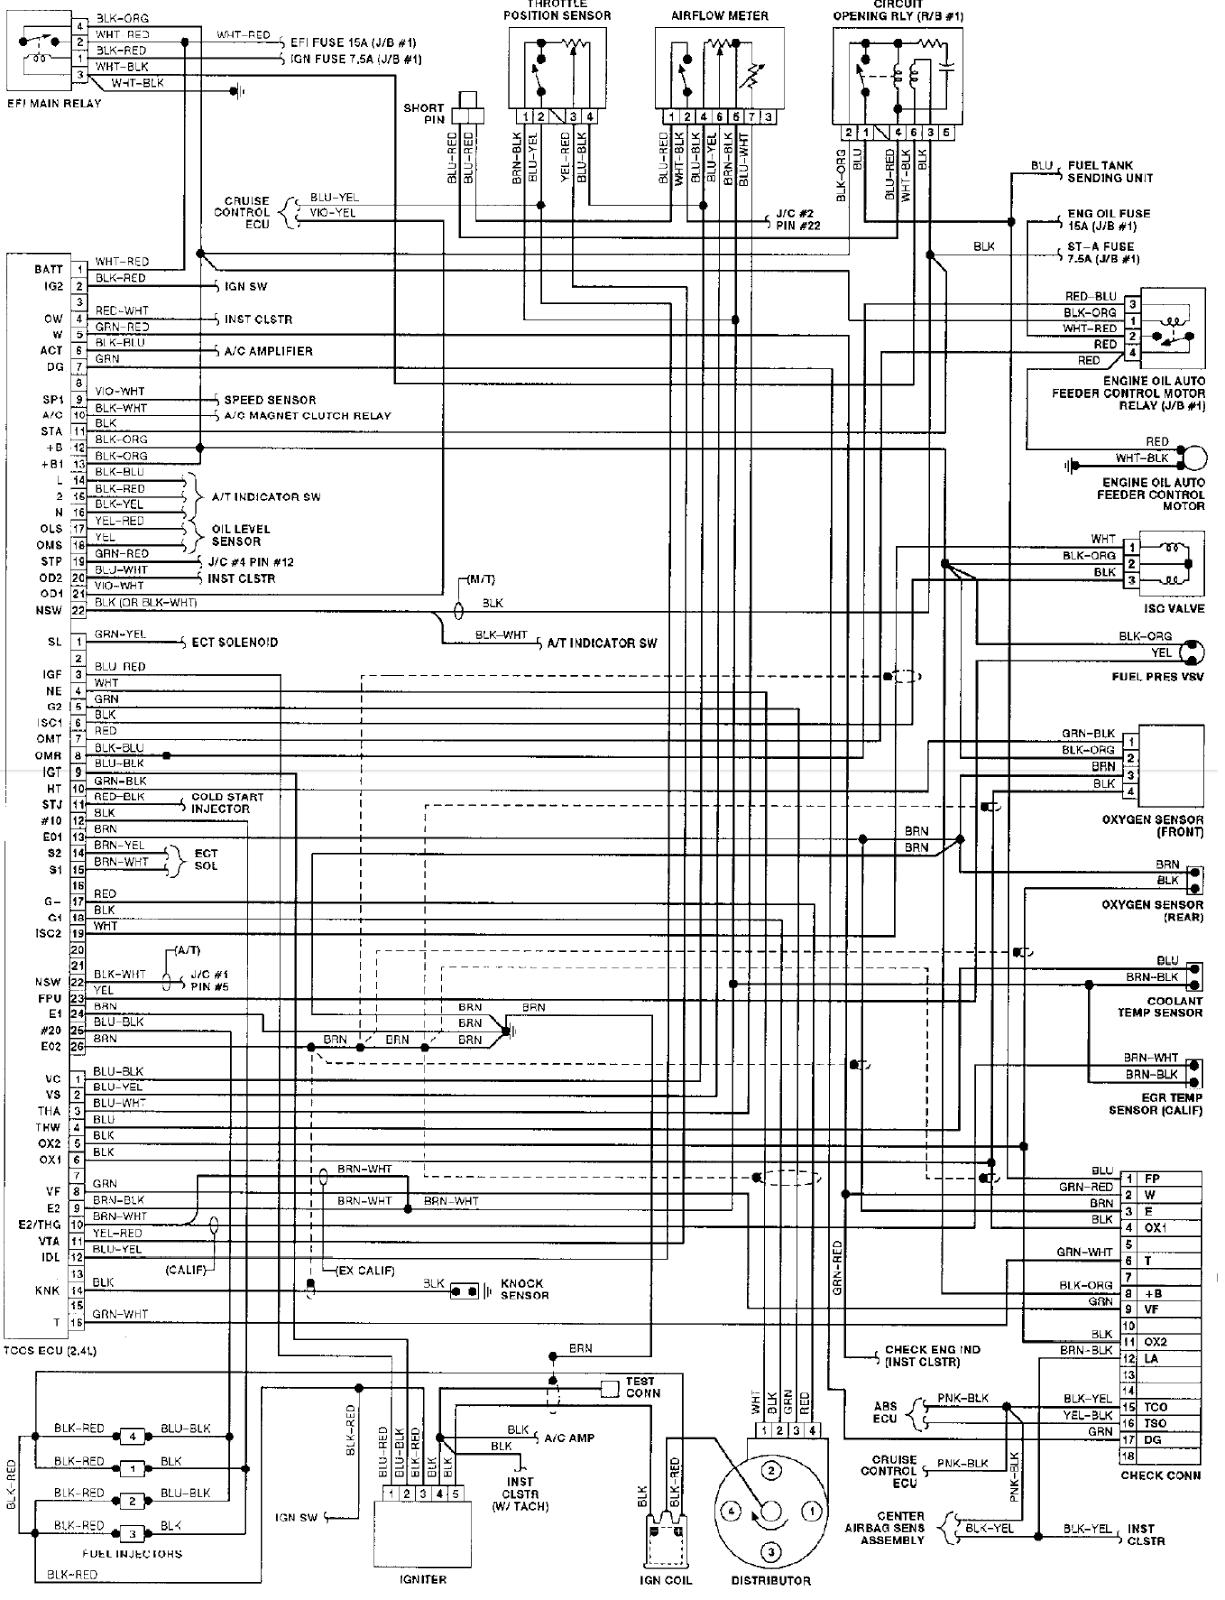 renault clio towbar wiring diagram ecu fuse diagram renault clio uch wiring diagram #9